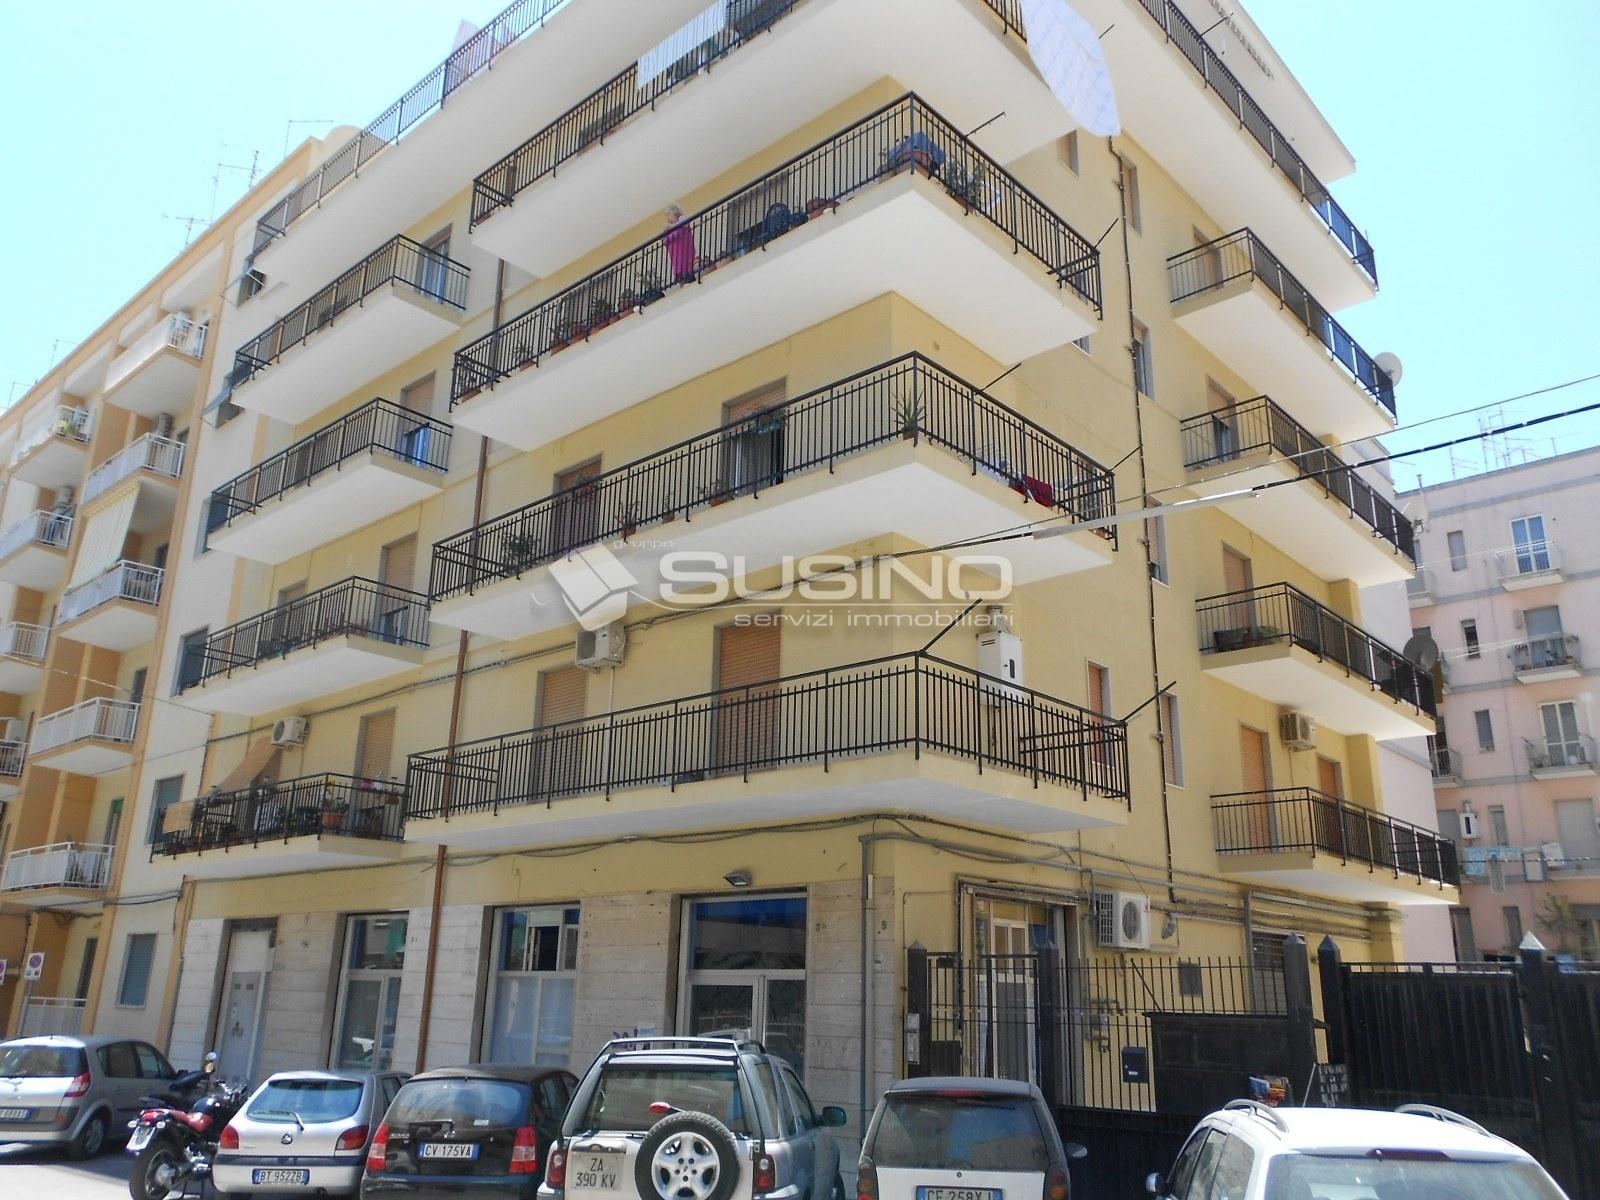 Attico / Mansarda in affitto a Siracusa, 3 locali, prezzo € 430   CambioCasa.it